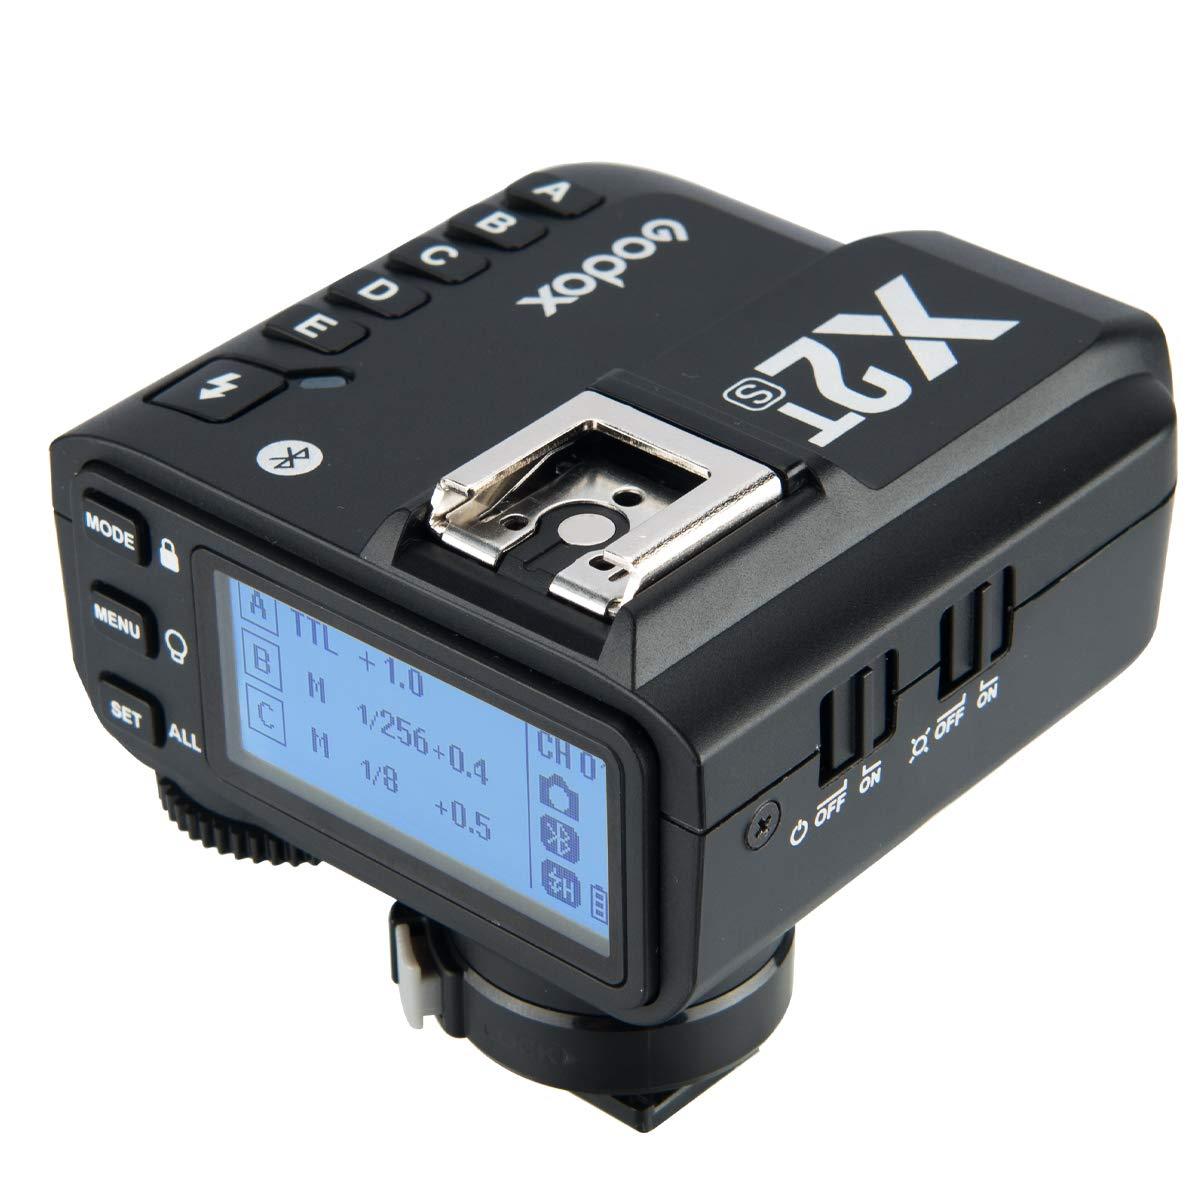 Godox X2T-S TTL Wireless Flash Trigger 1/8000s HSS TTL, Phone APP Adjustment, Compatible Sony (X2T-S) by Godox (Image #3)